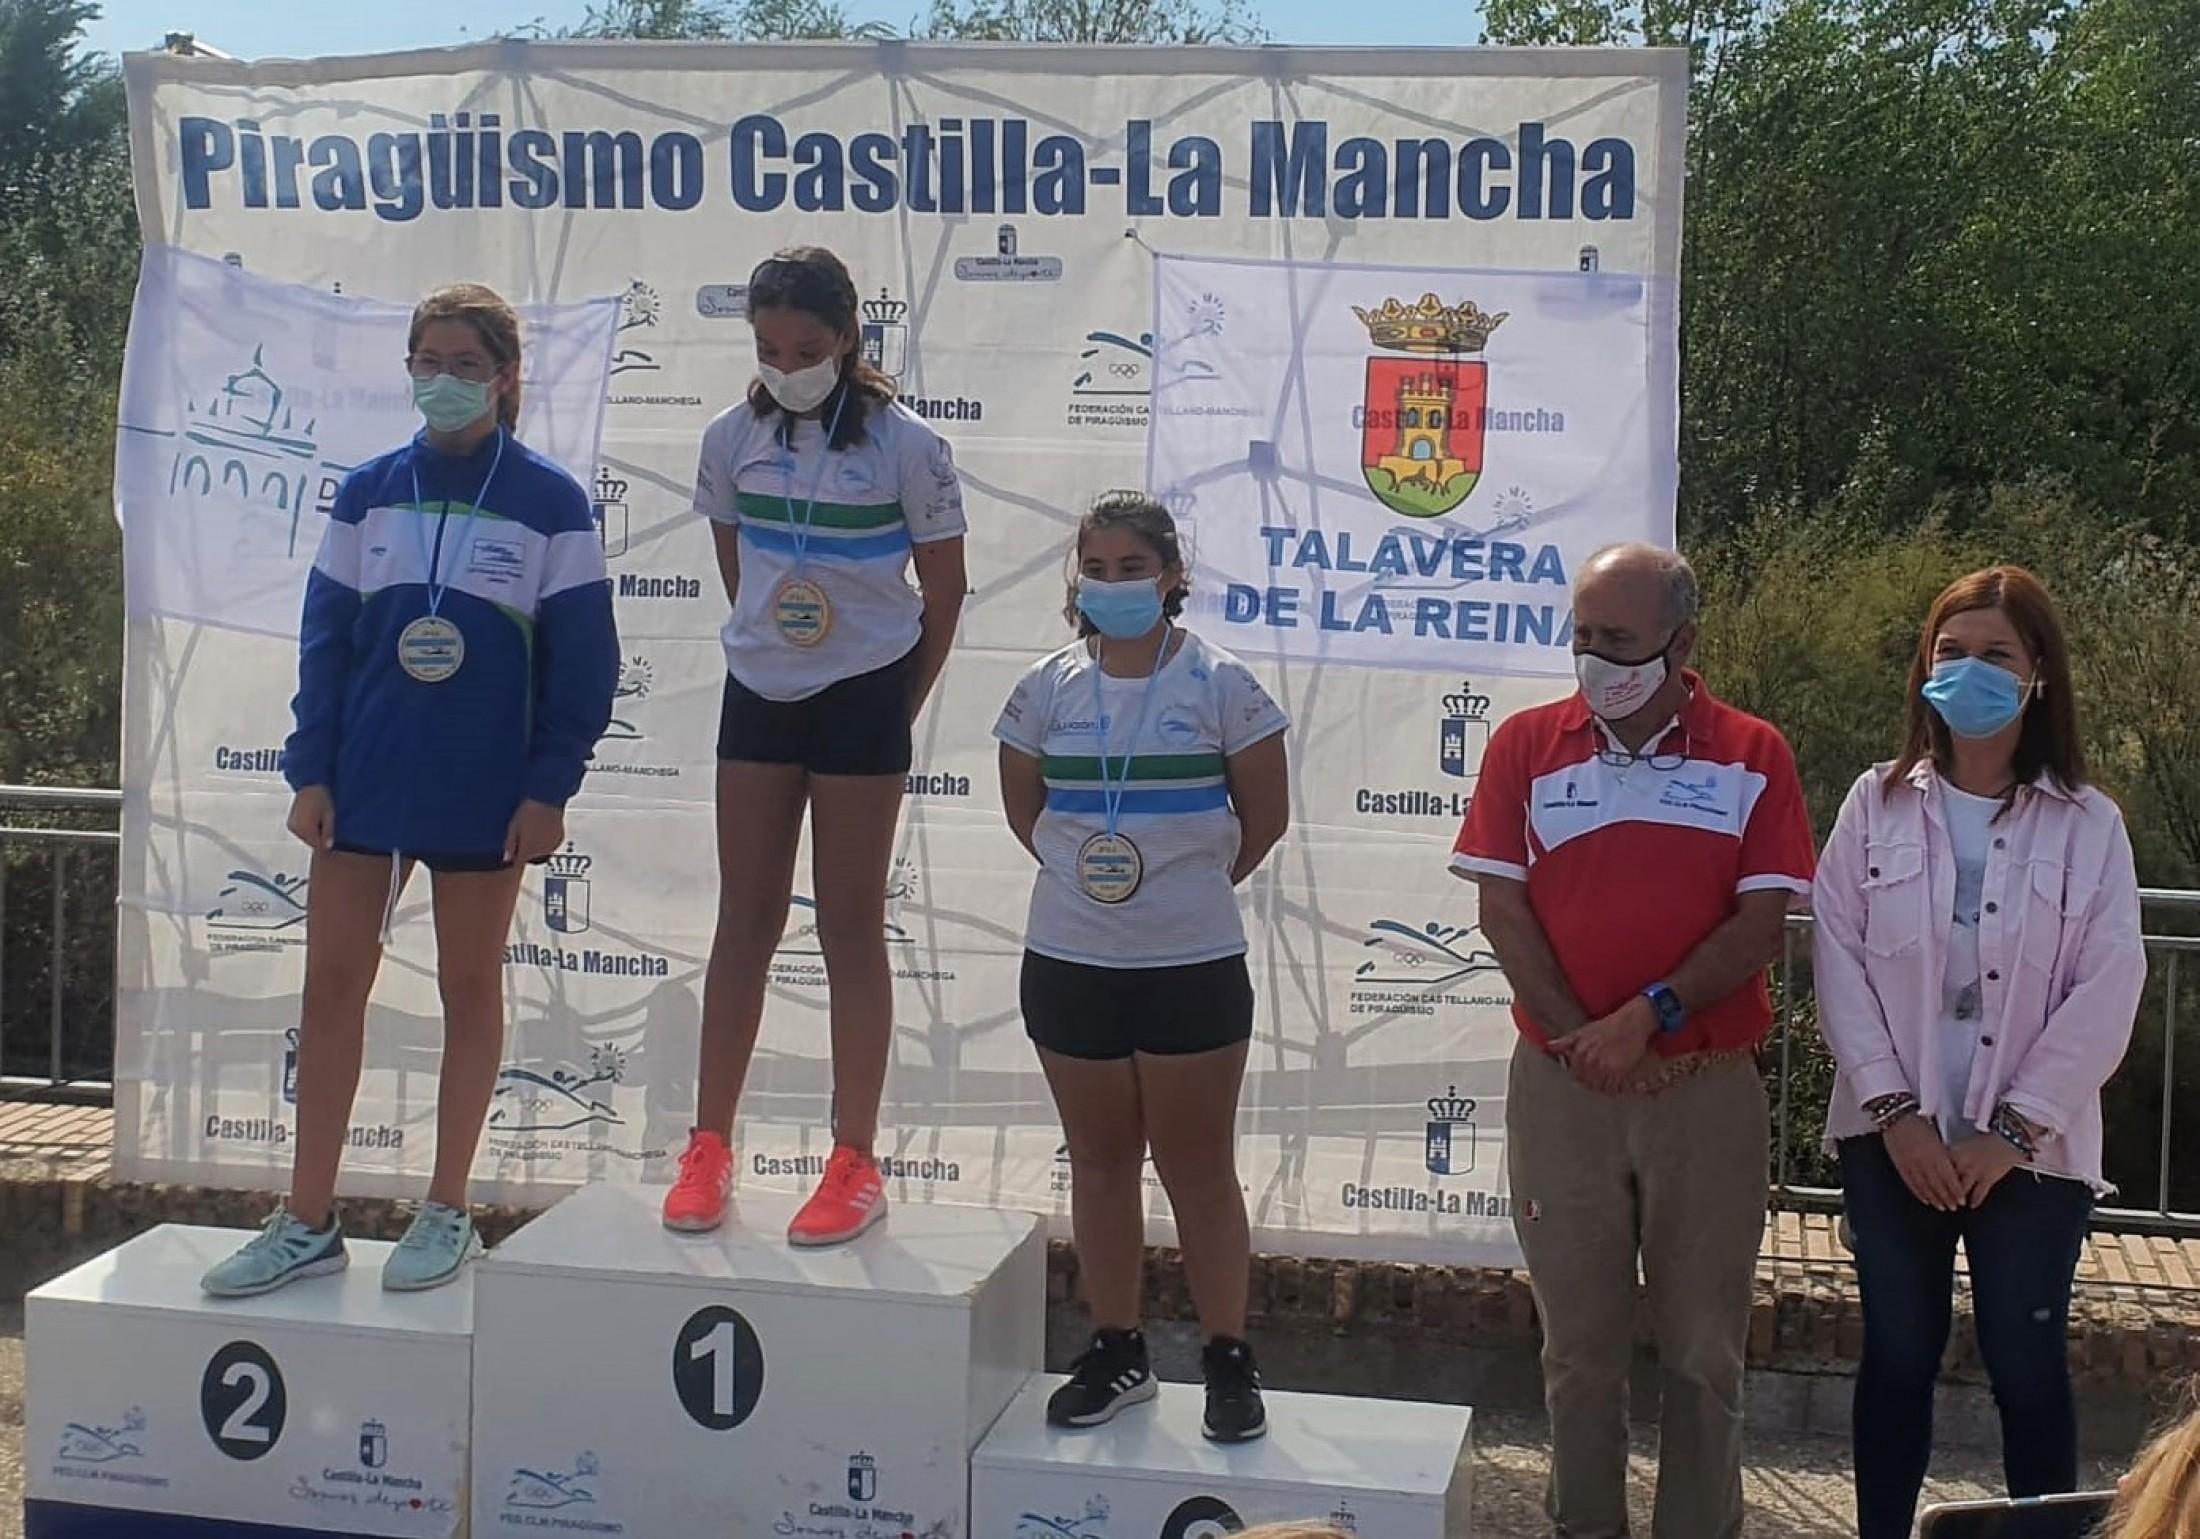 María Jesús Pérez entregando medallas del campeonato de piragüismo de Talavera de la Reina